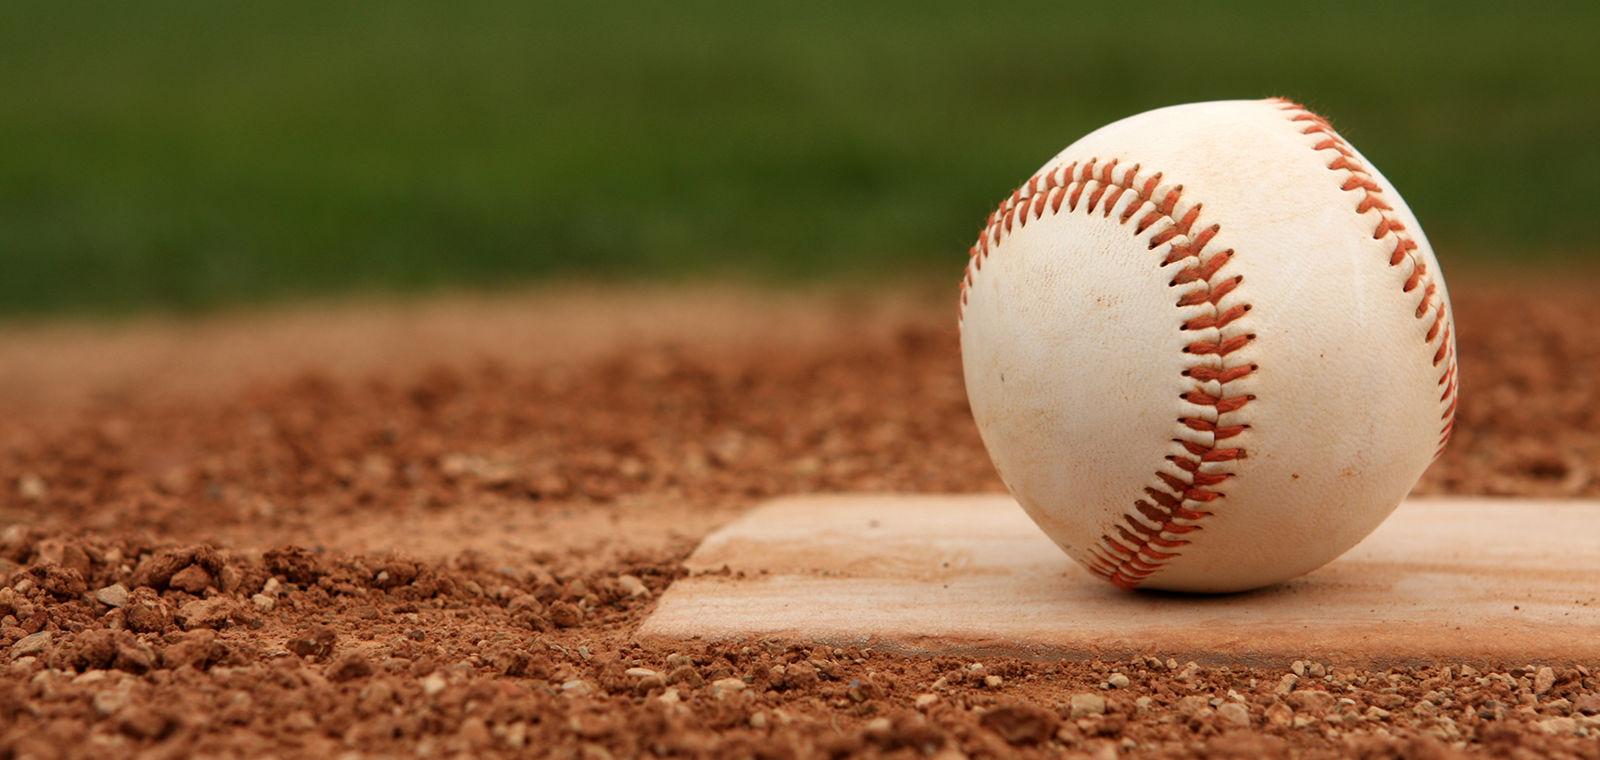 Baseball Sitting On Base